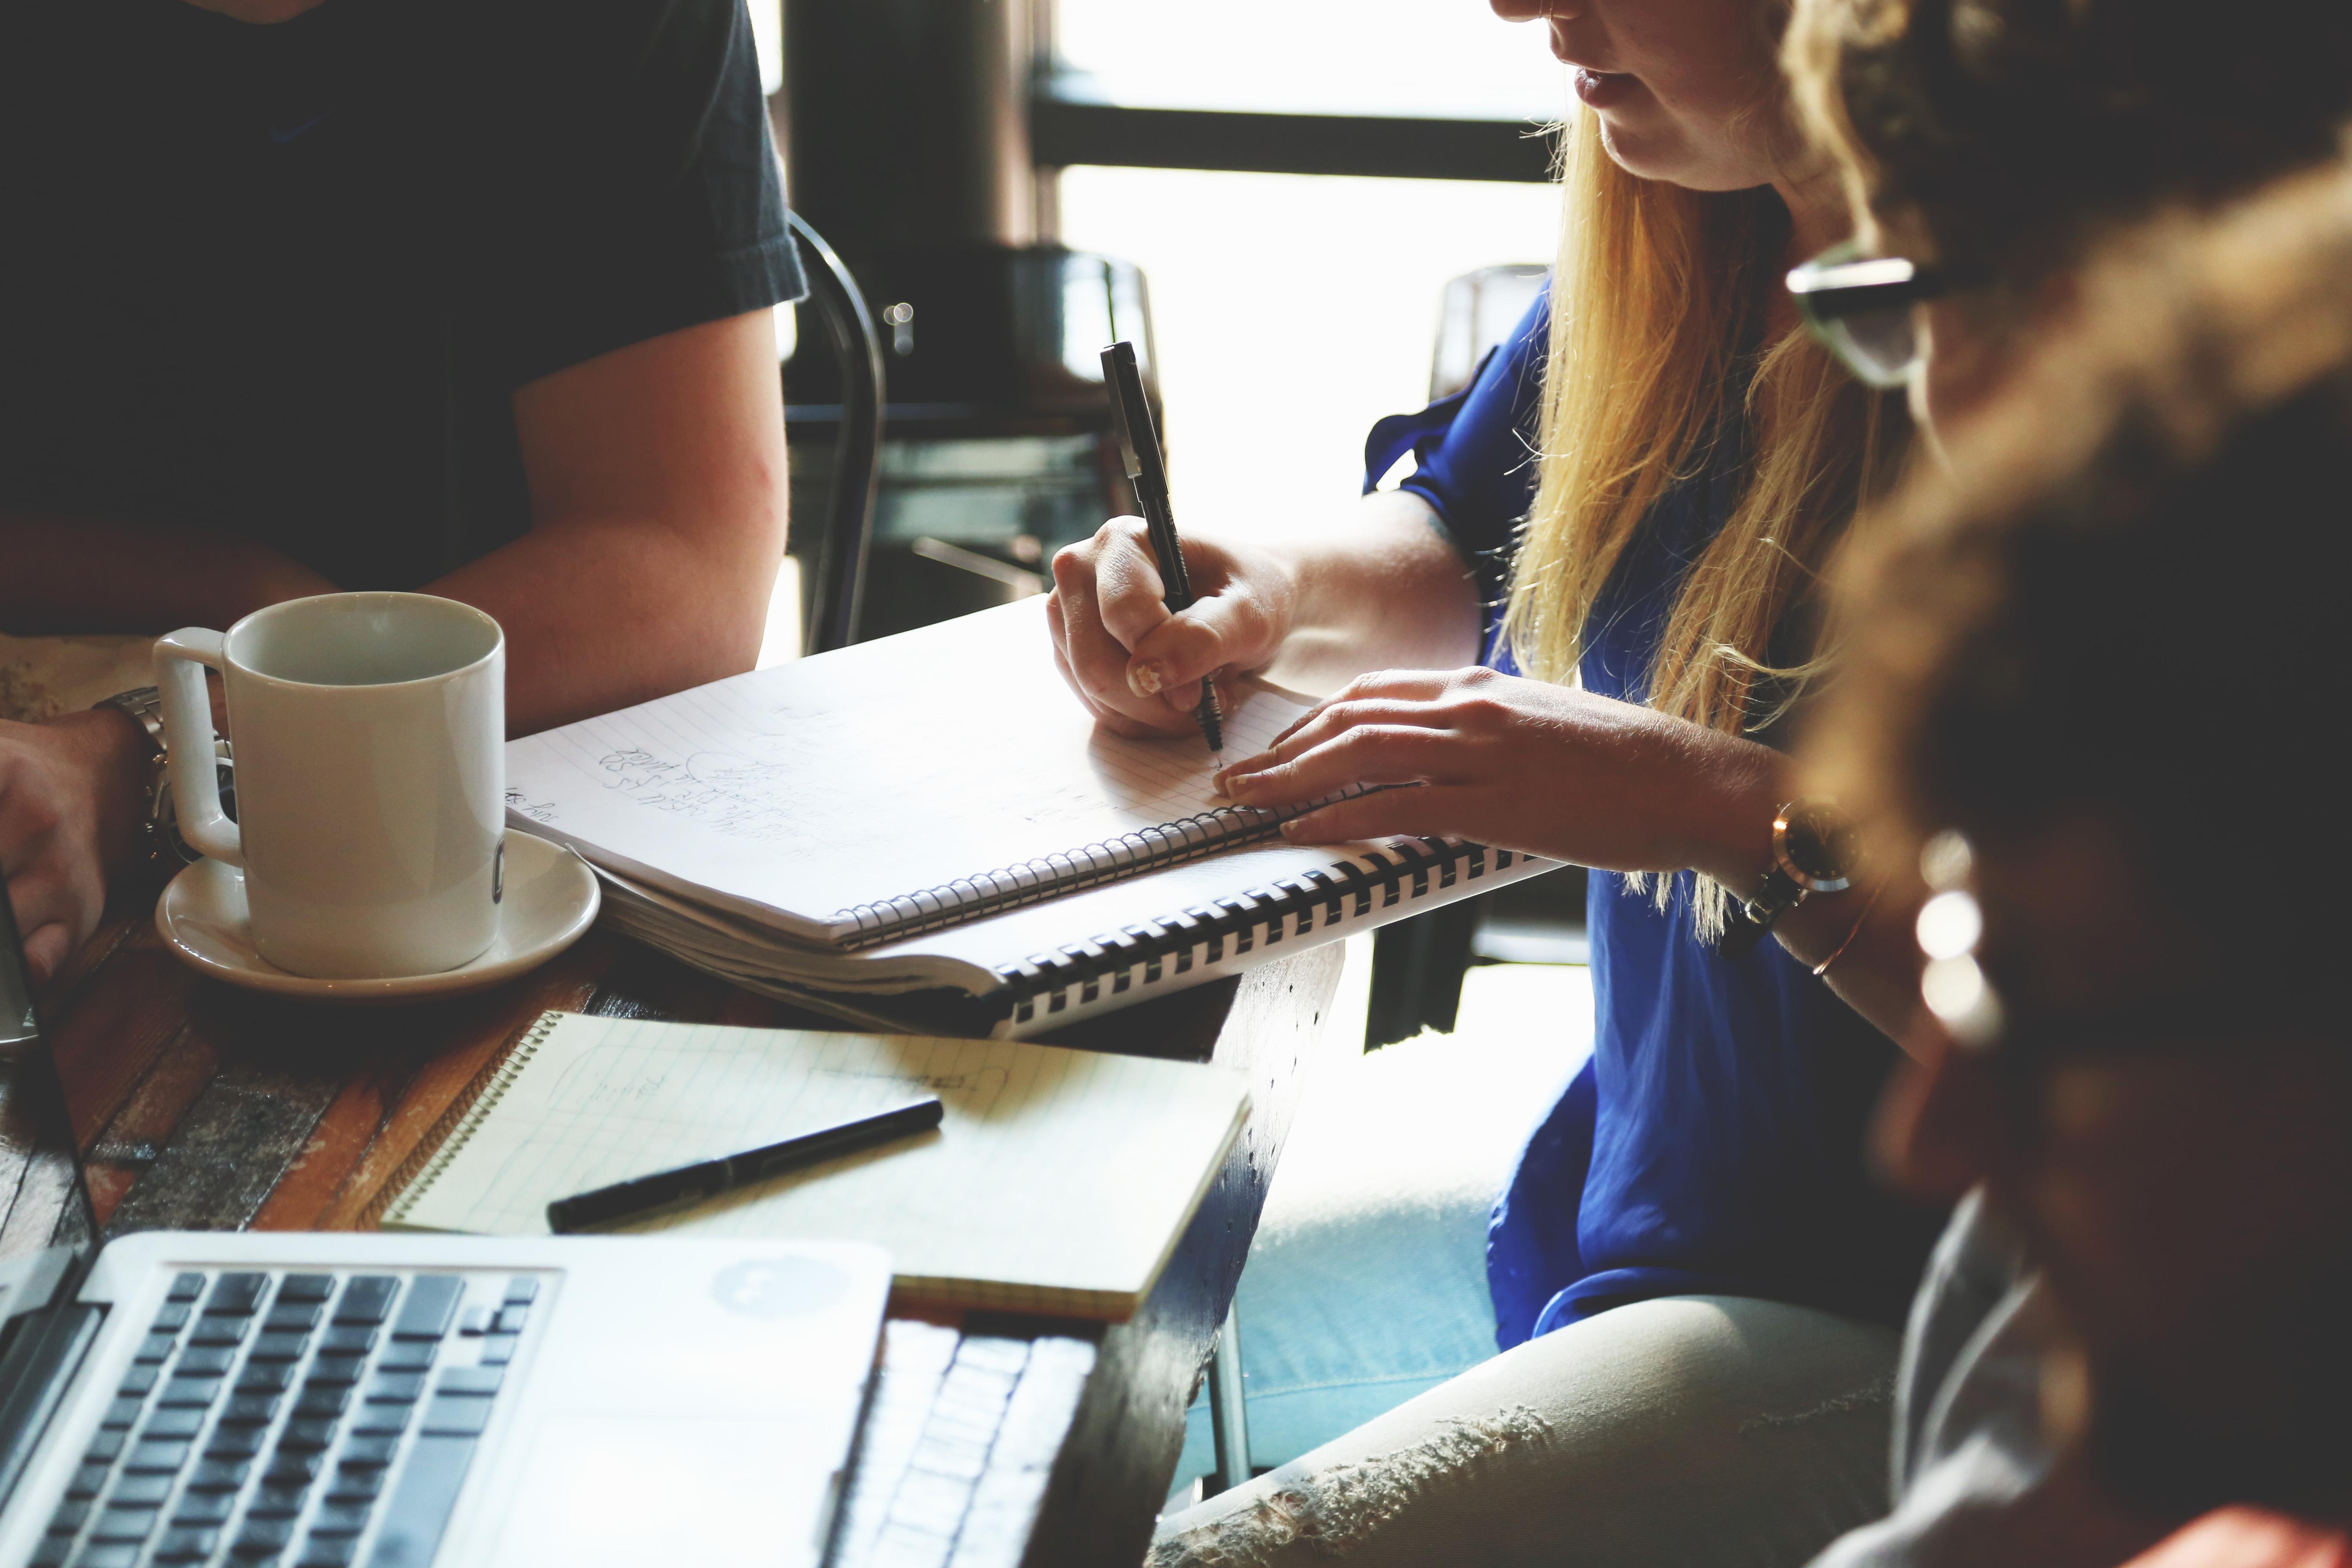 Встреча специалистов, которые записывают в тетради и обсуждают способы реактивации неактивных подписчиков